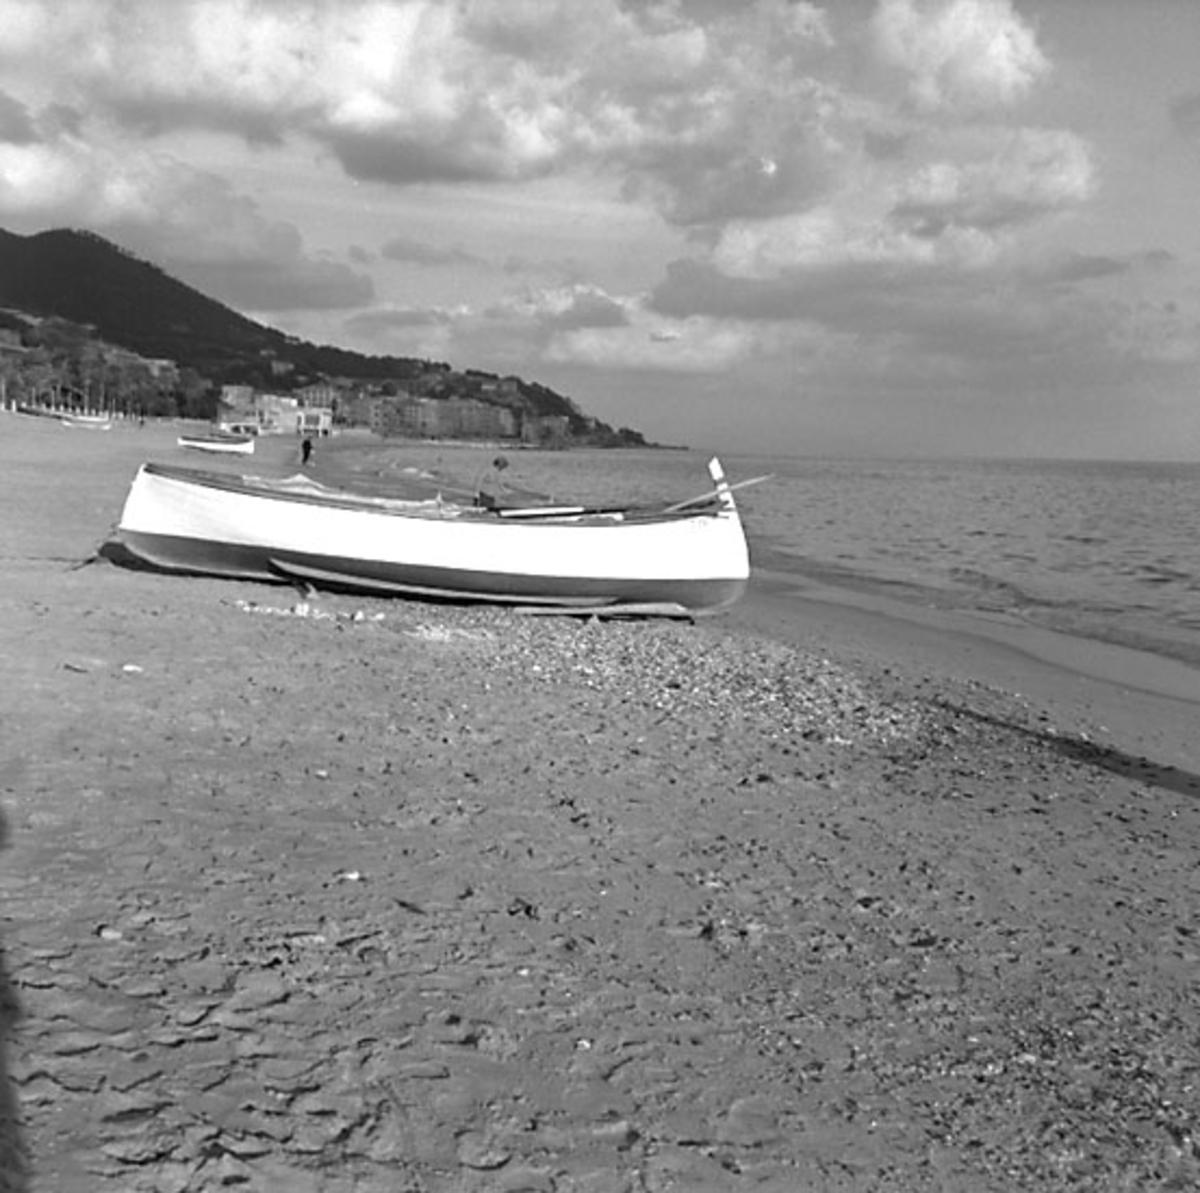 23. Italien. Fotojournal finns på B.M.A. + fotoalbum. Samtidigt förvärv: Böcker och arkivmaterial. Foton tagna 1959-11-04. 11 Bilder i serie.